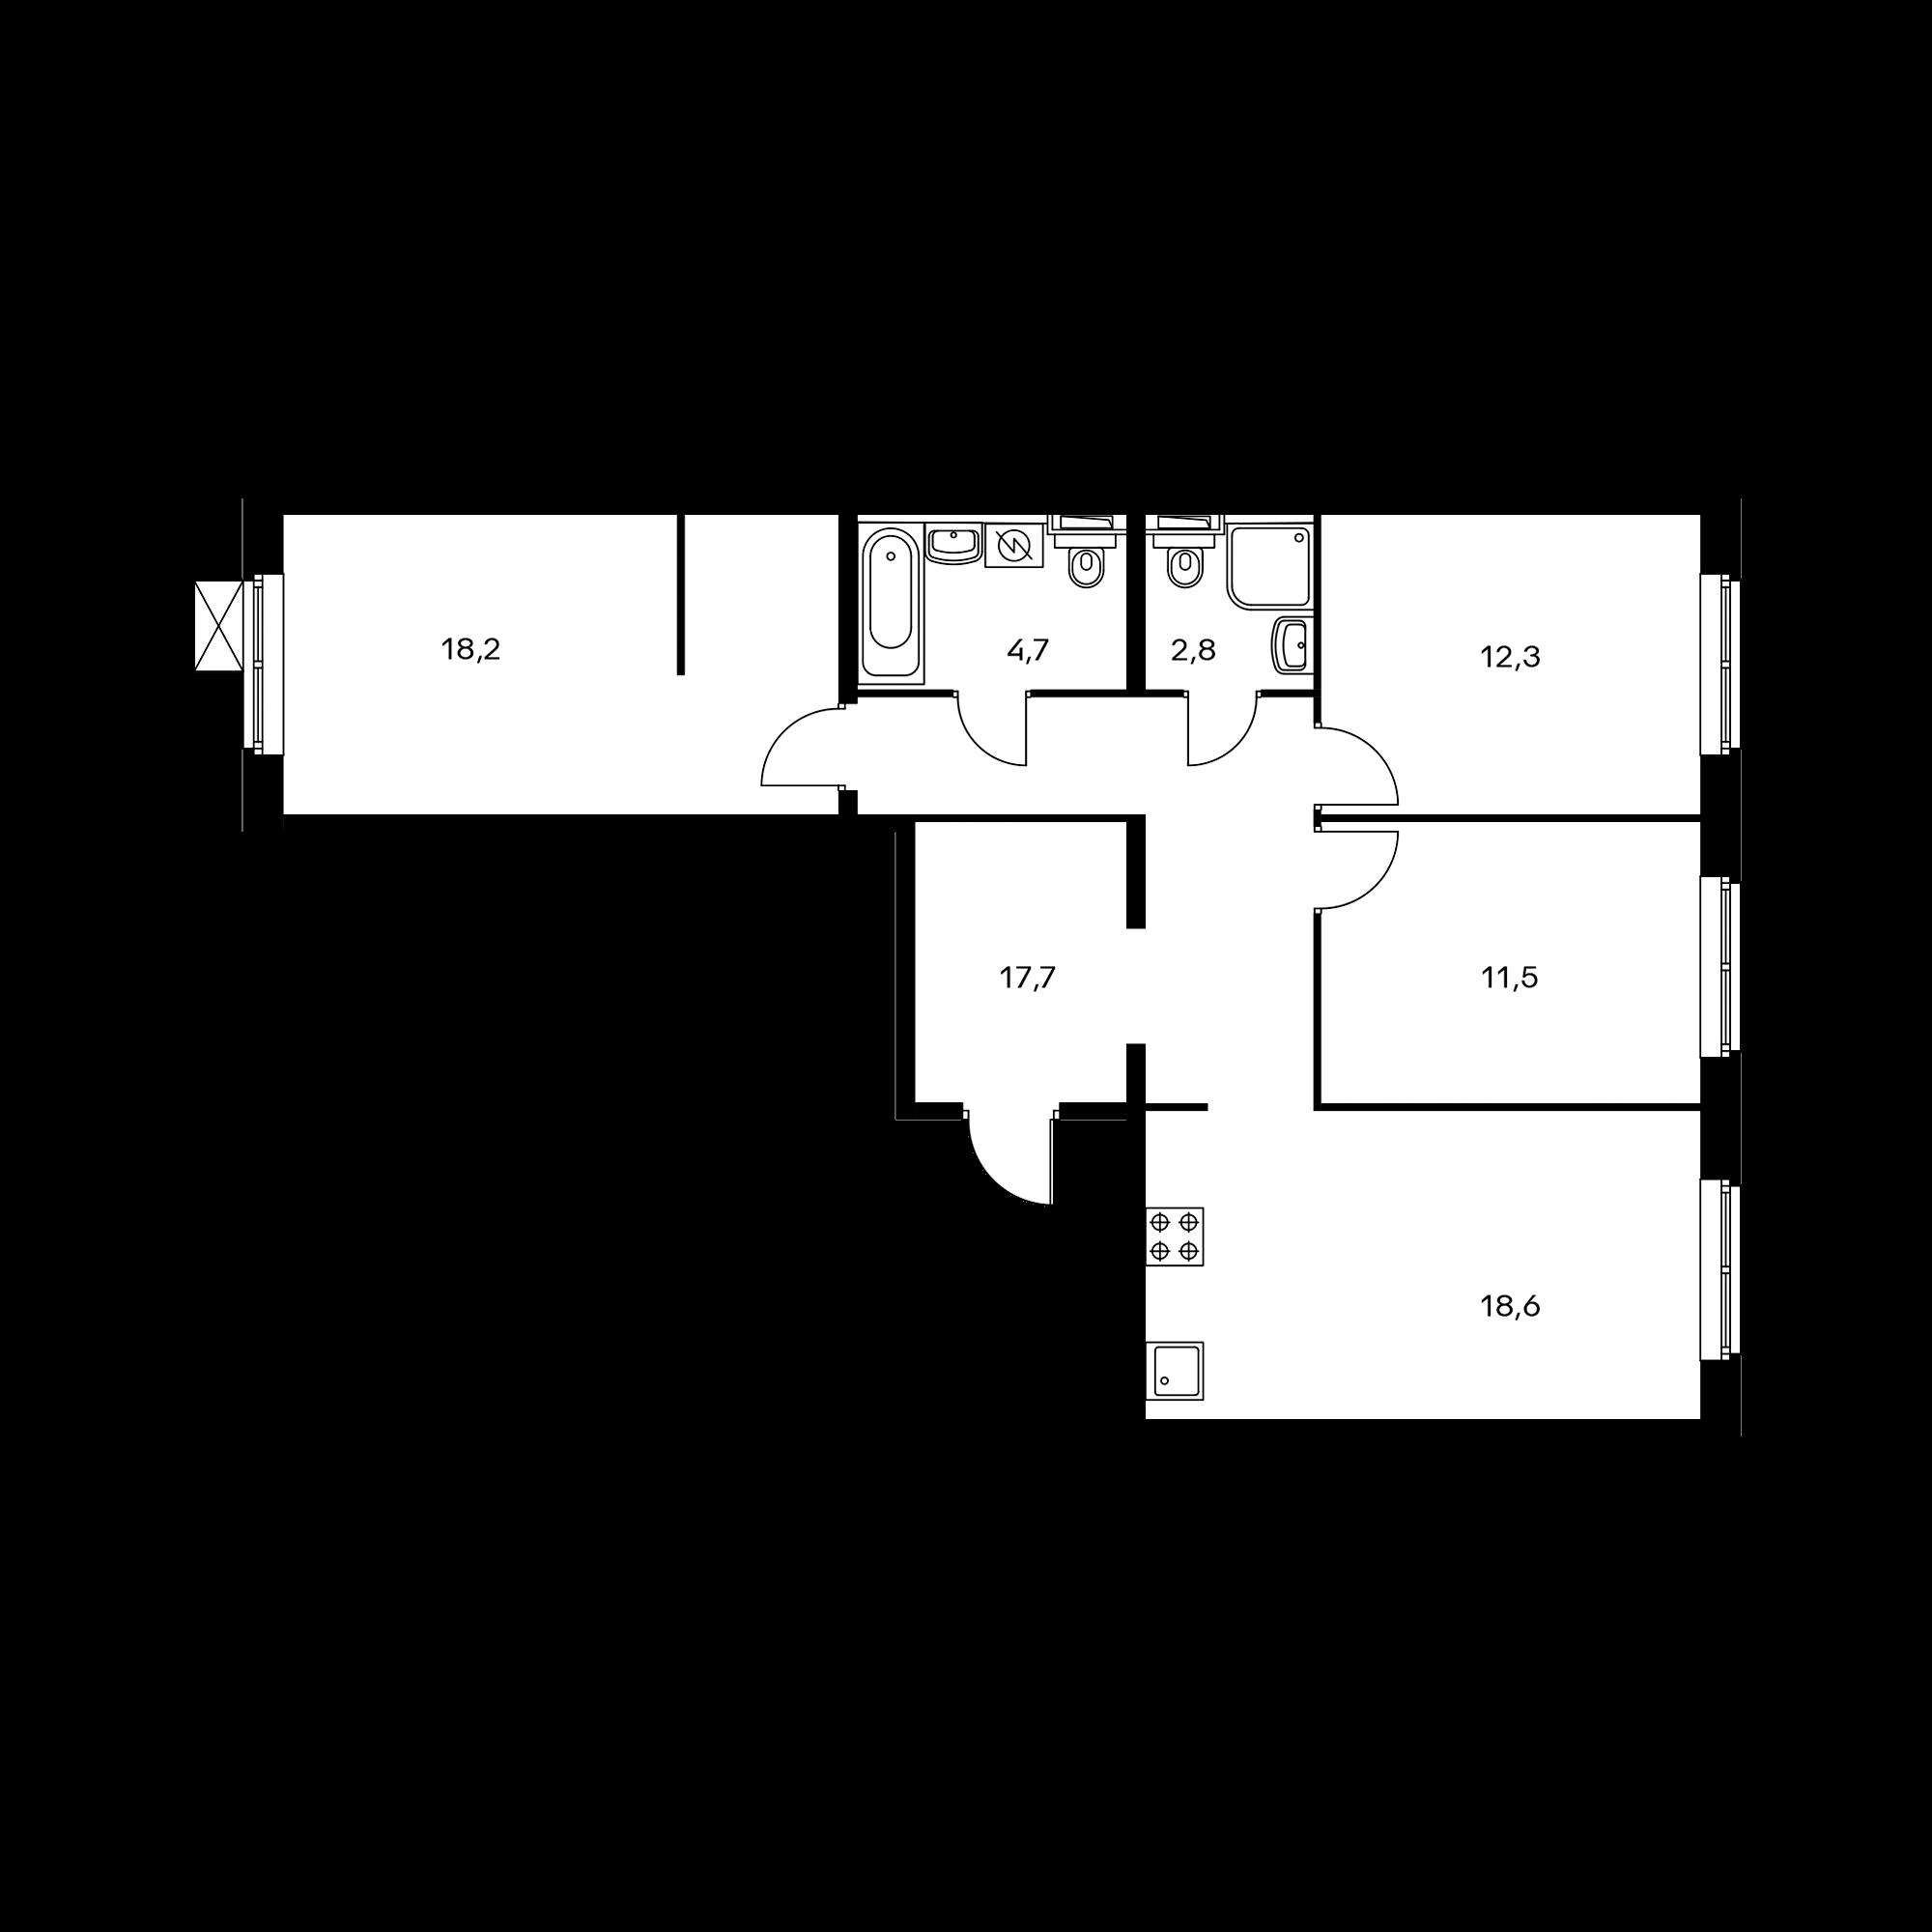 3-комнатная 85.8 м²